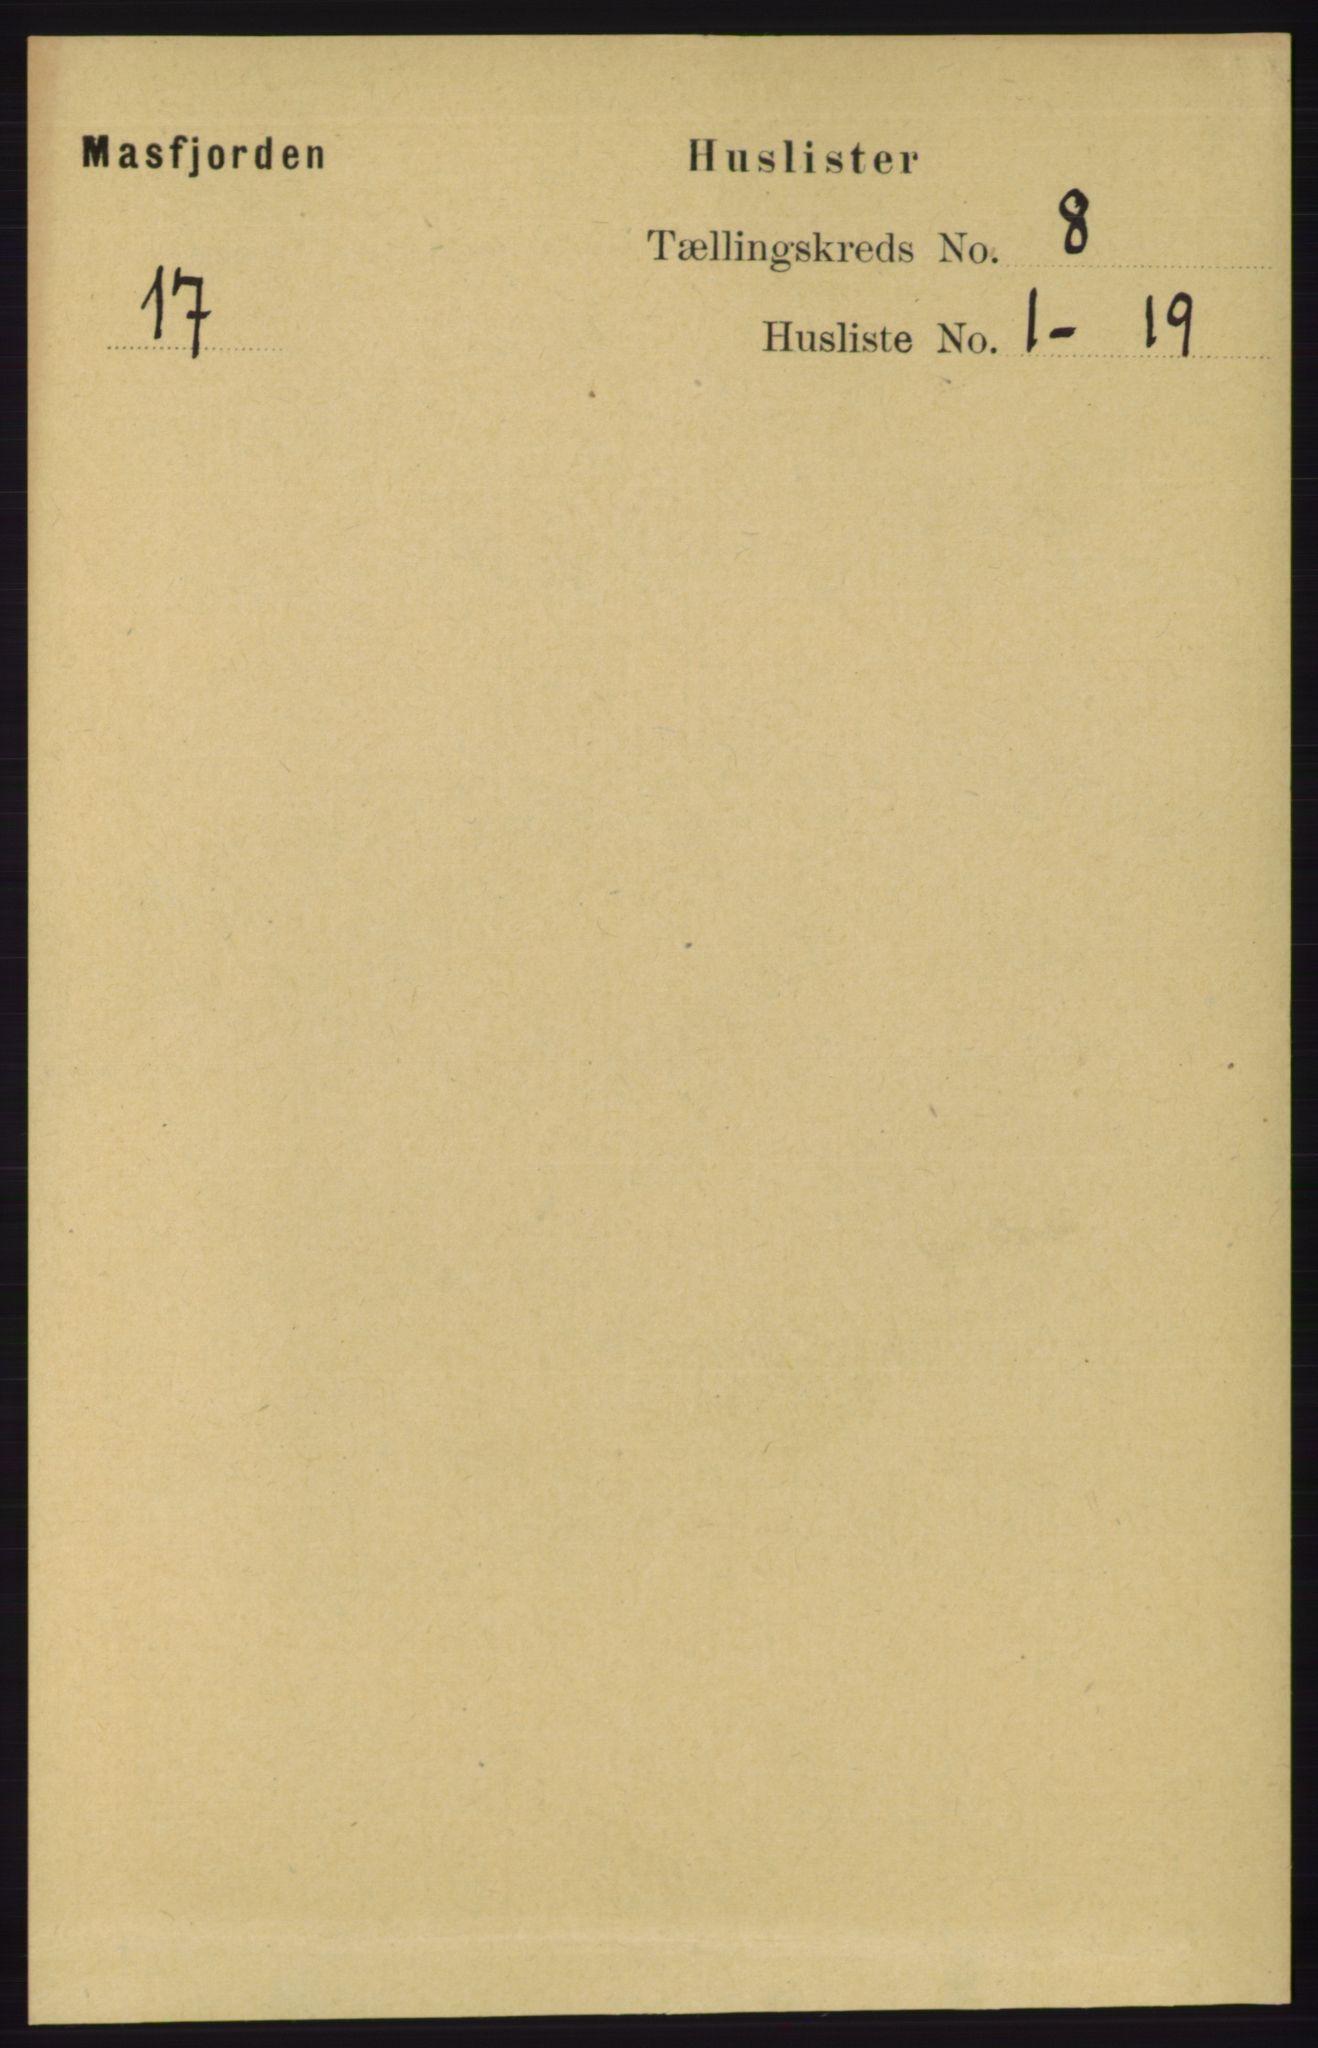 RA, Folketelling 1891 for 1266 Masfjorden herred, 1891, s. 1512